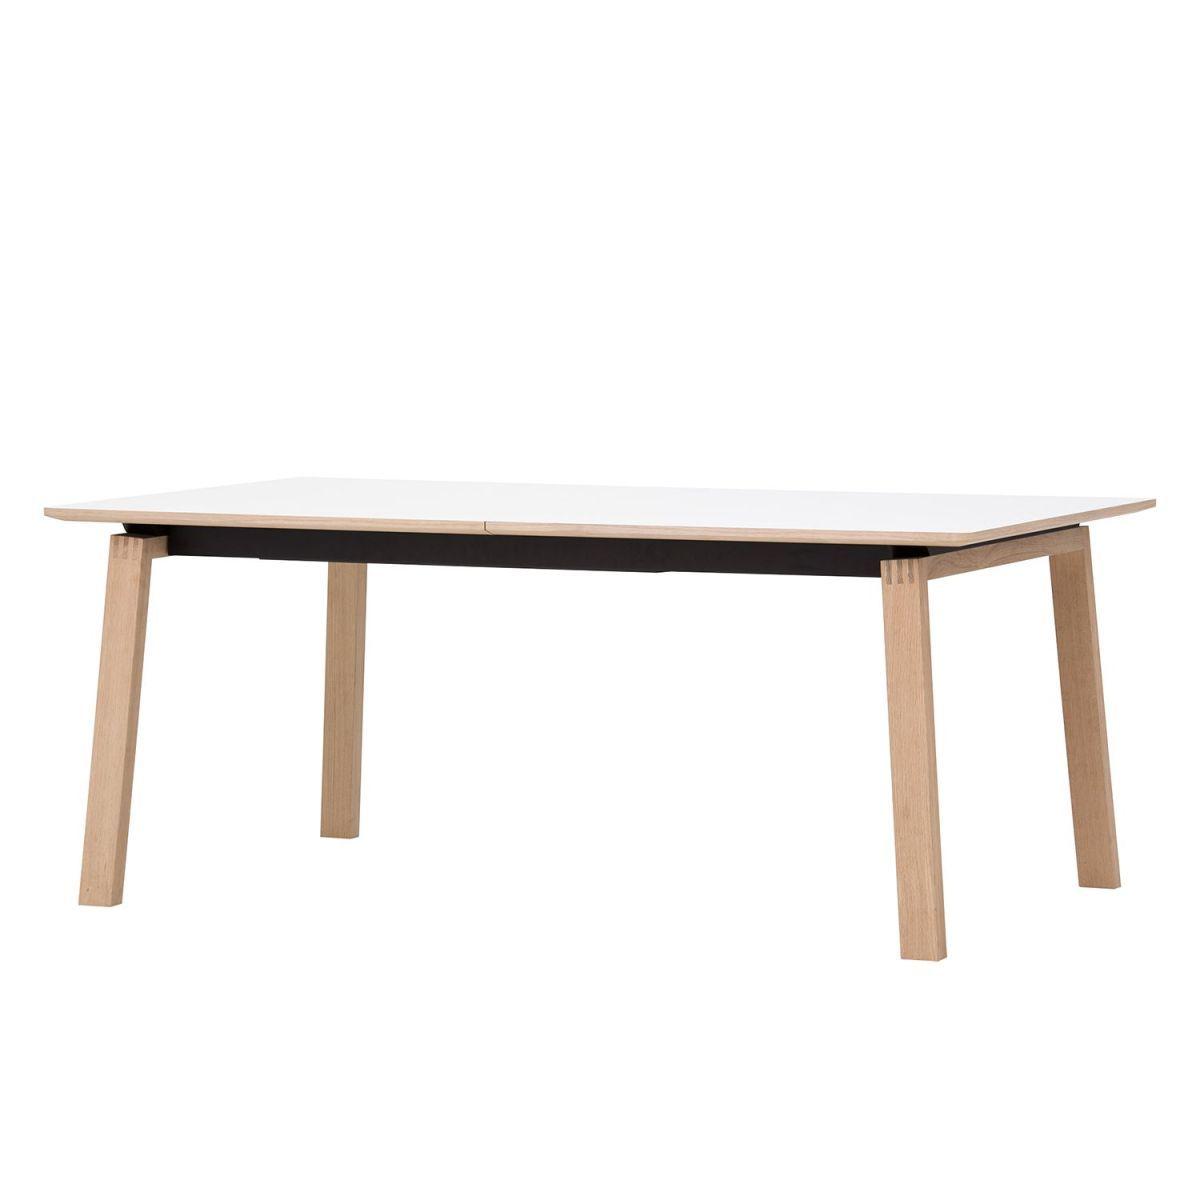 Esstisch Stig II - Weiß / Eiche - 180 x 100 cm | Küche und Esszimmer ...